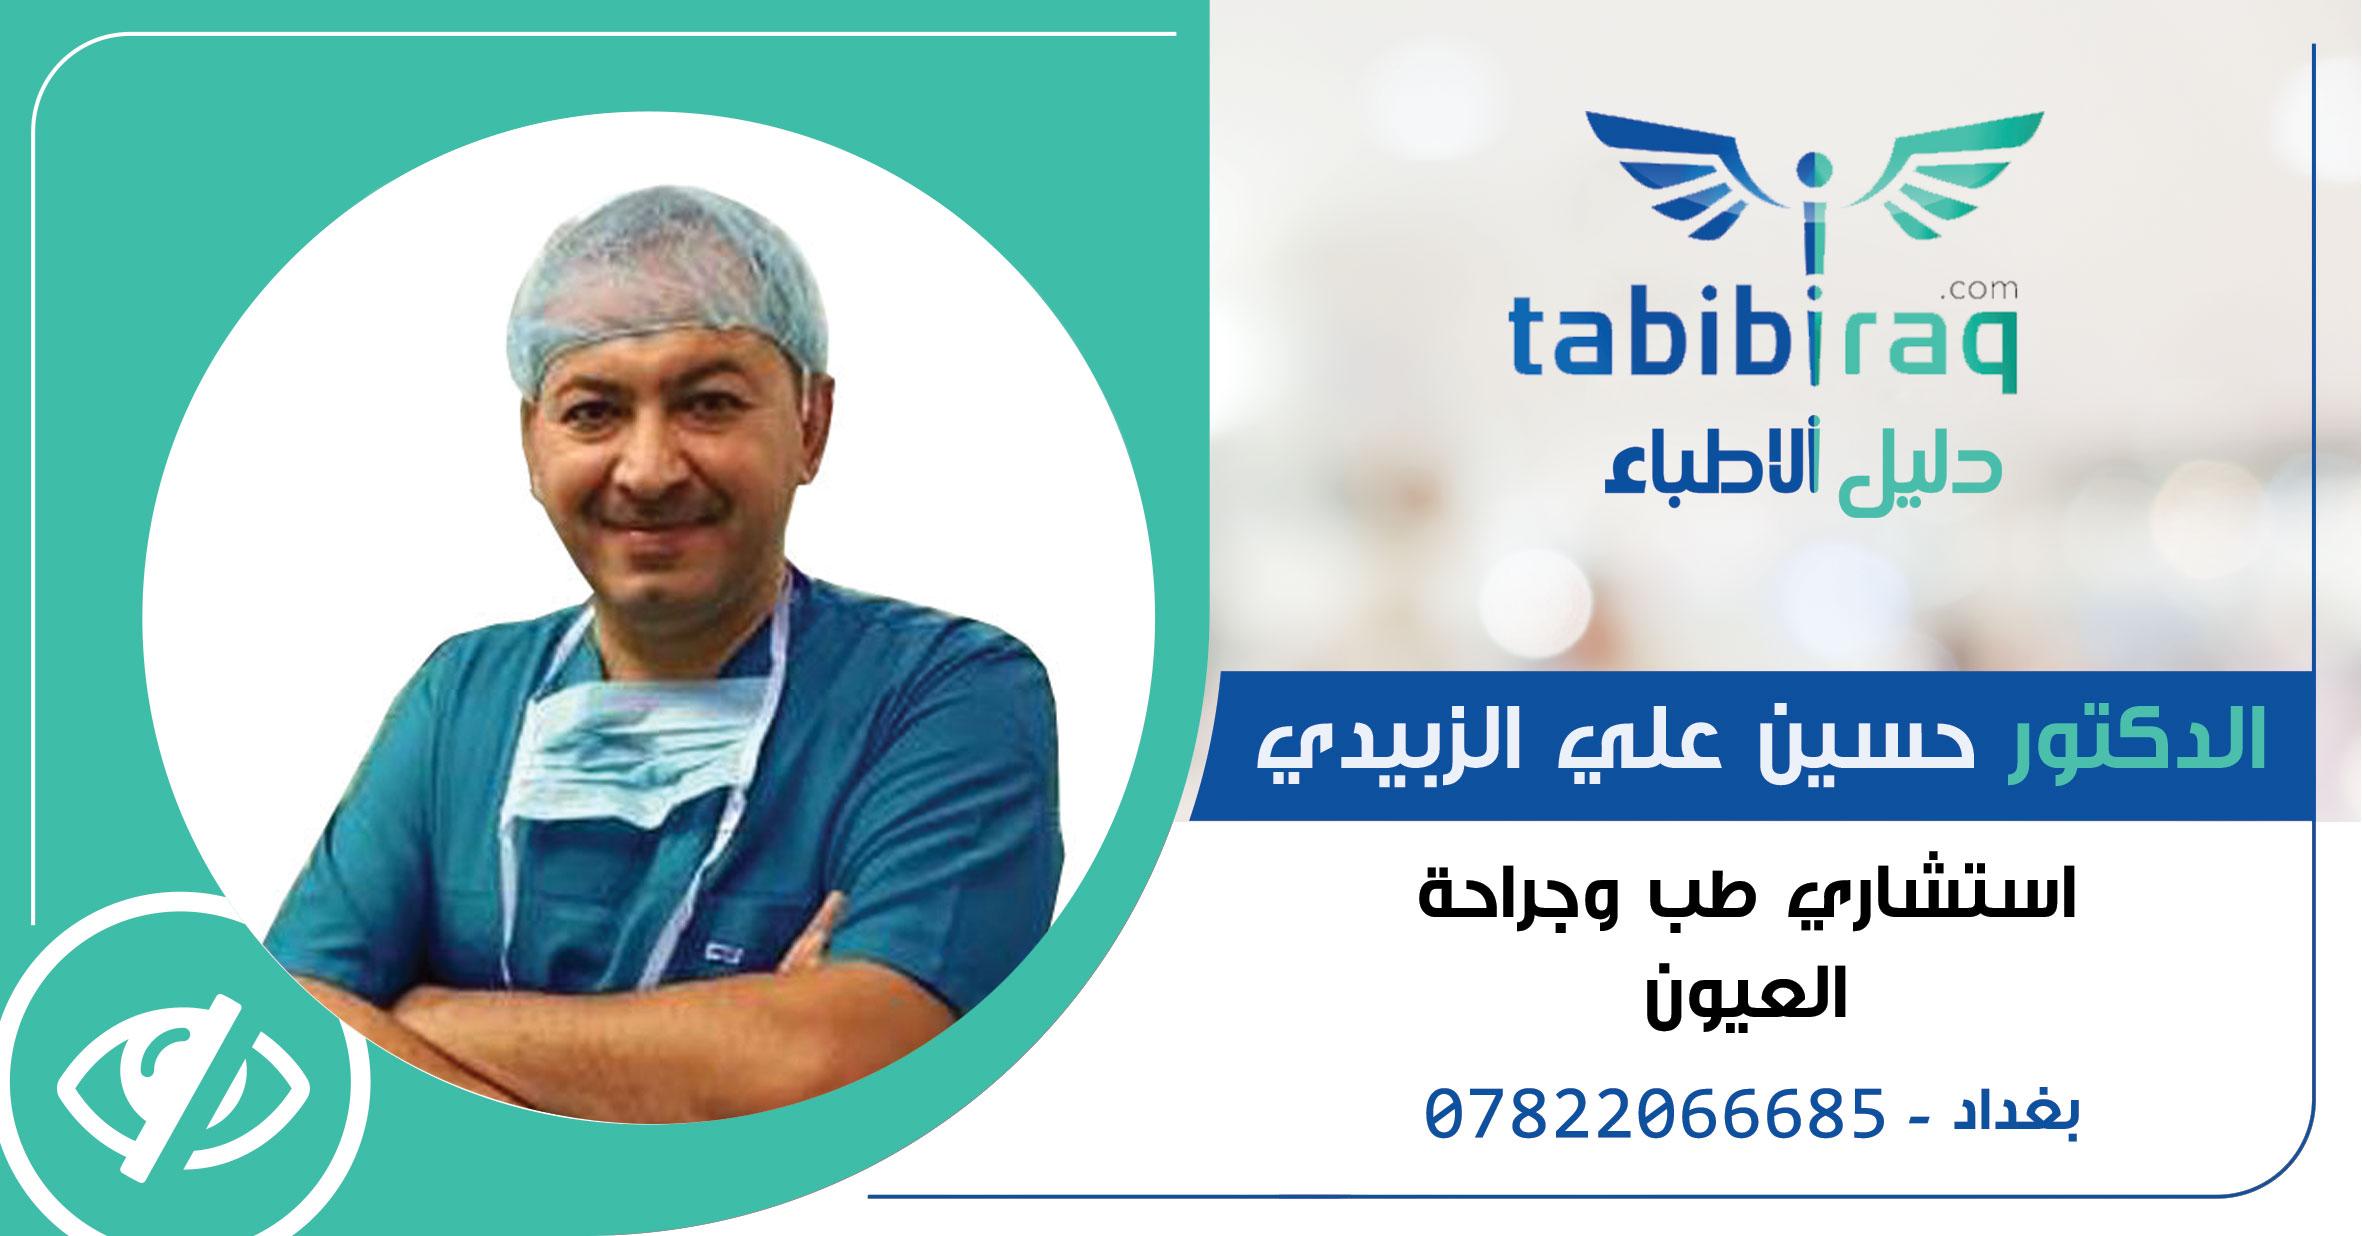 الدكتور حسين علي الزبيدي